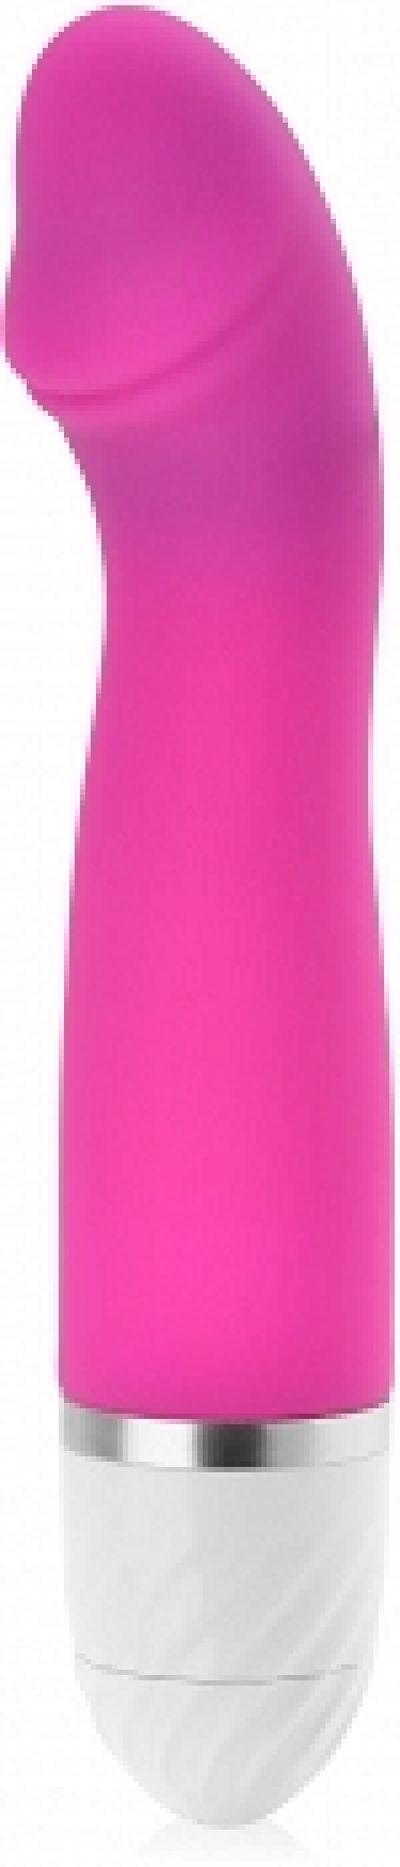 Вибратор для точки G фиолетовый 17 см